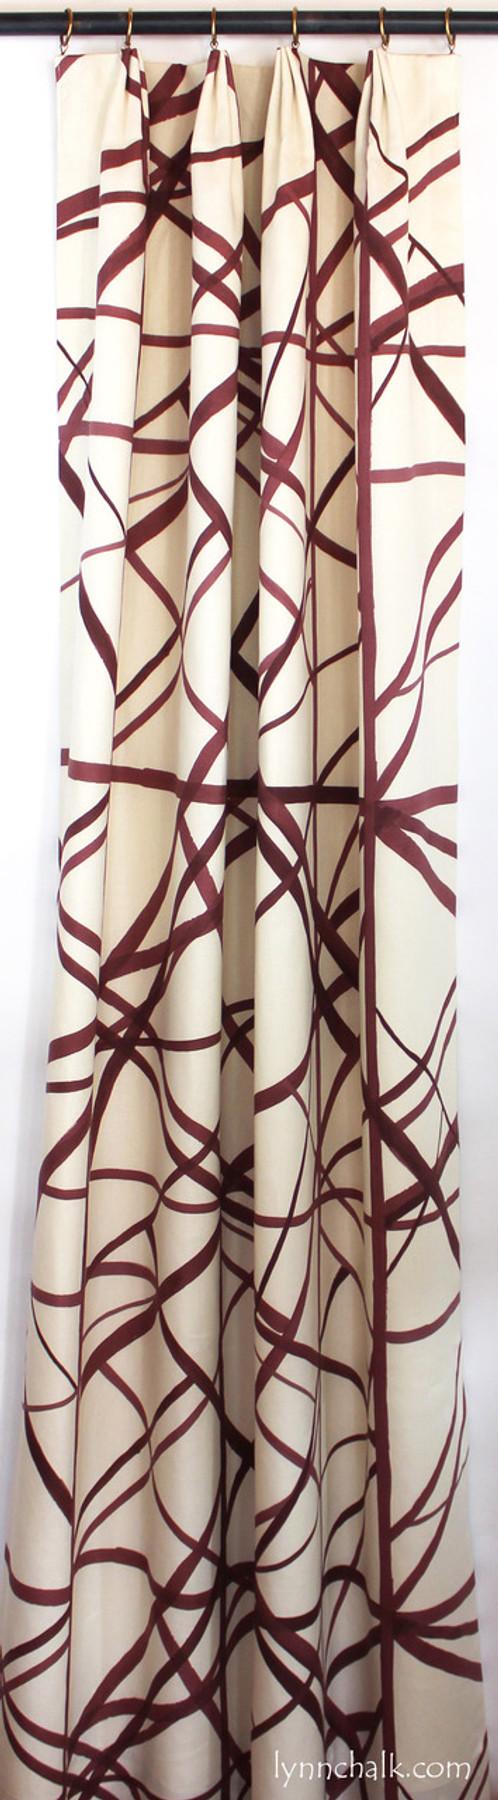 Custom Euro Pleated Drapes Single Width in Kelly Wearstler Channels in Ebony/Ivory